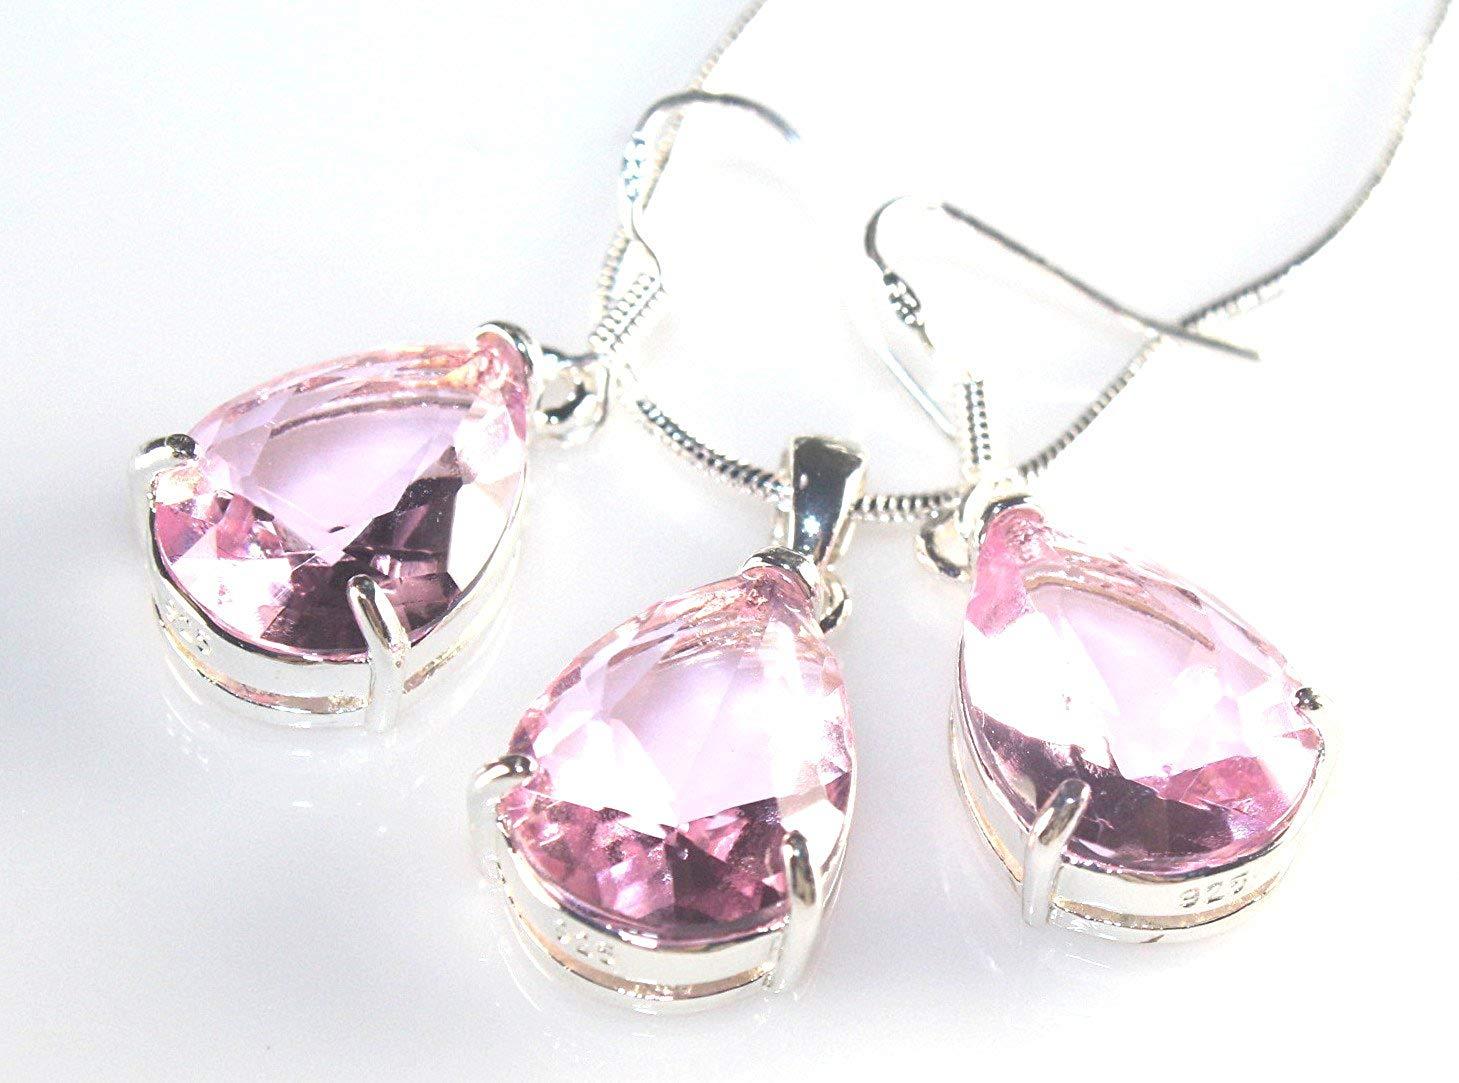 SilverstoneTX SILVER Elegant White Fire Opal Teardrop Stud Earrings Jewelry Woman Gift